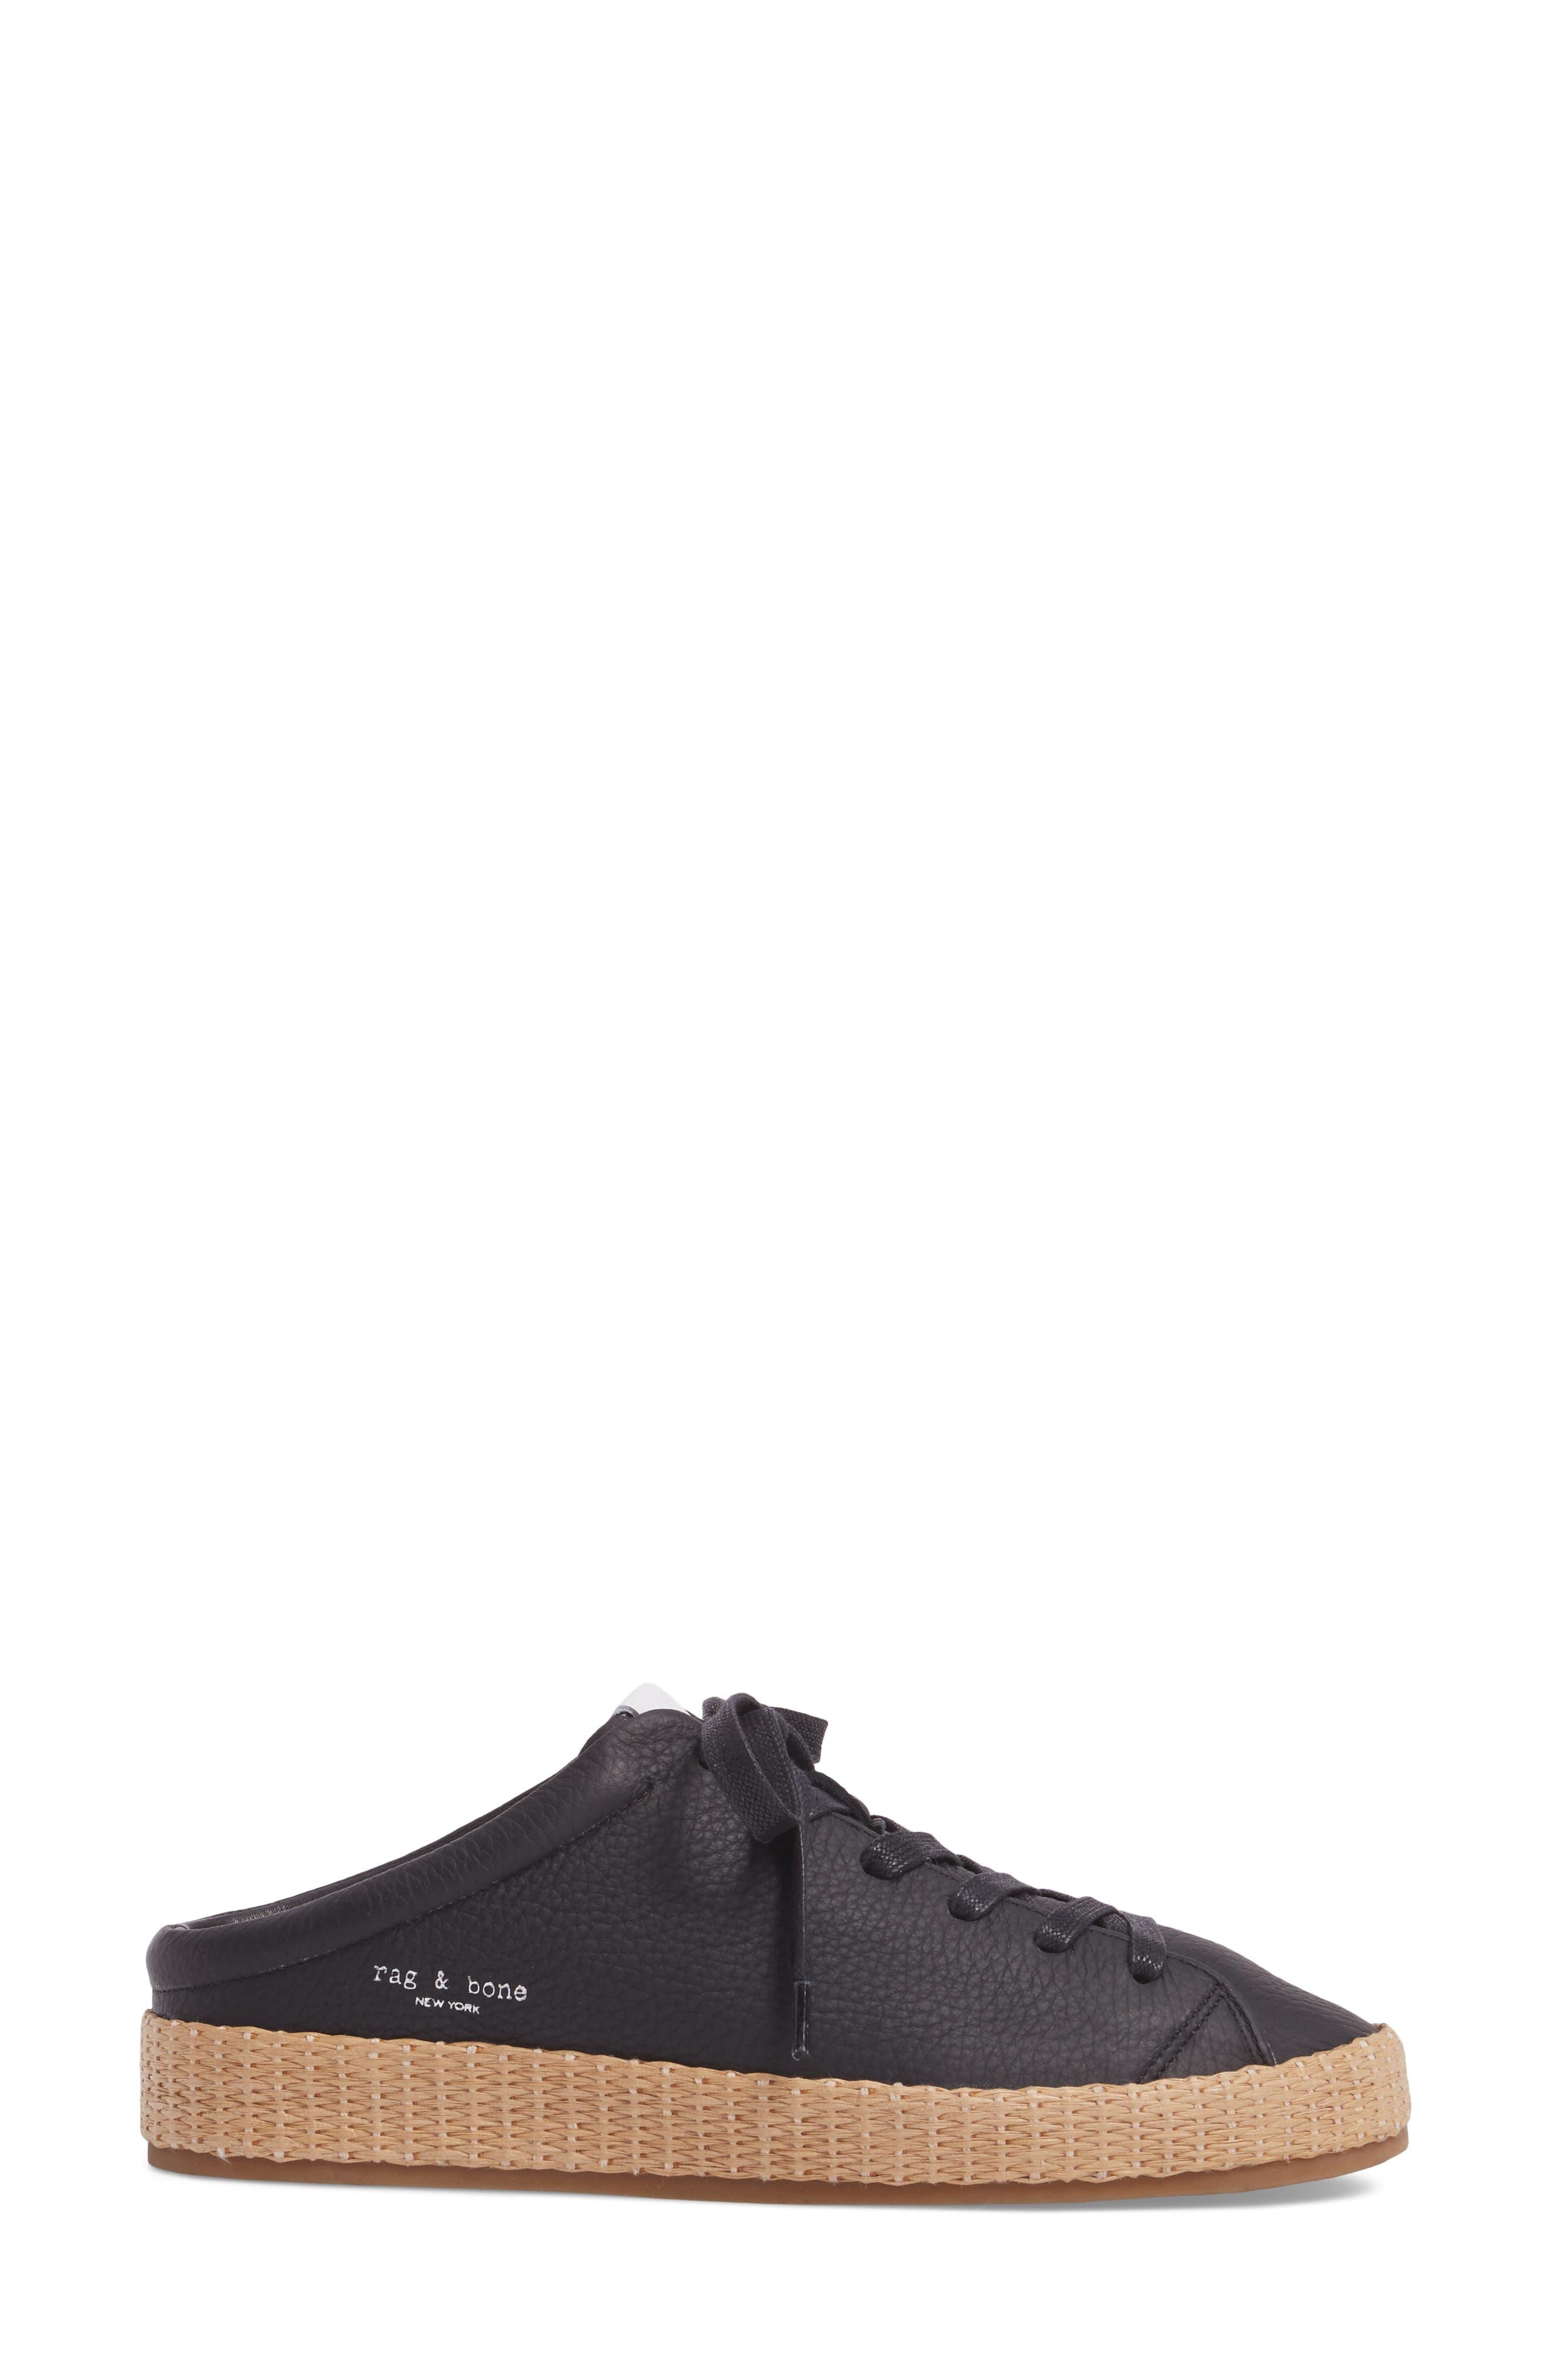 RB1 Slip-On Sneaker,                             Alternate thumbnail 3, color,                             001